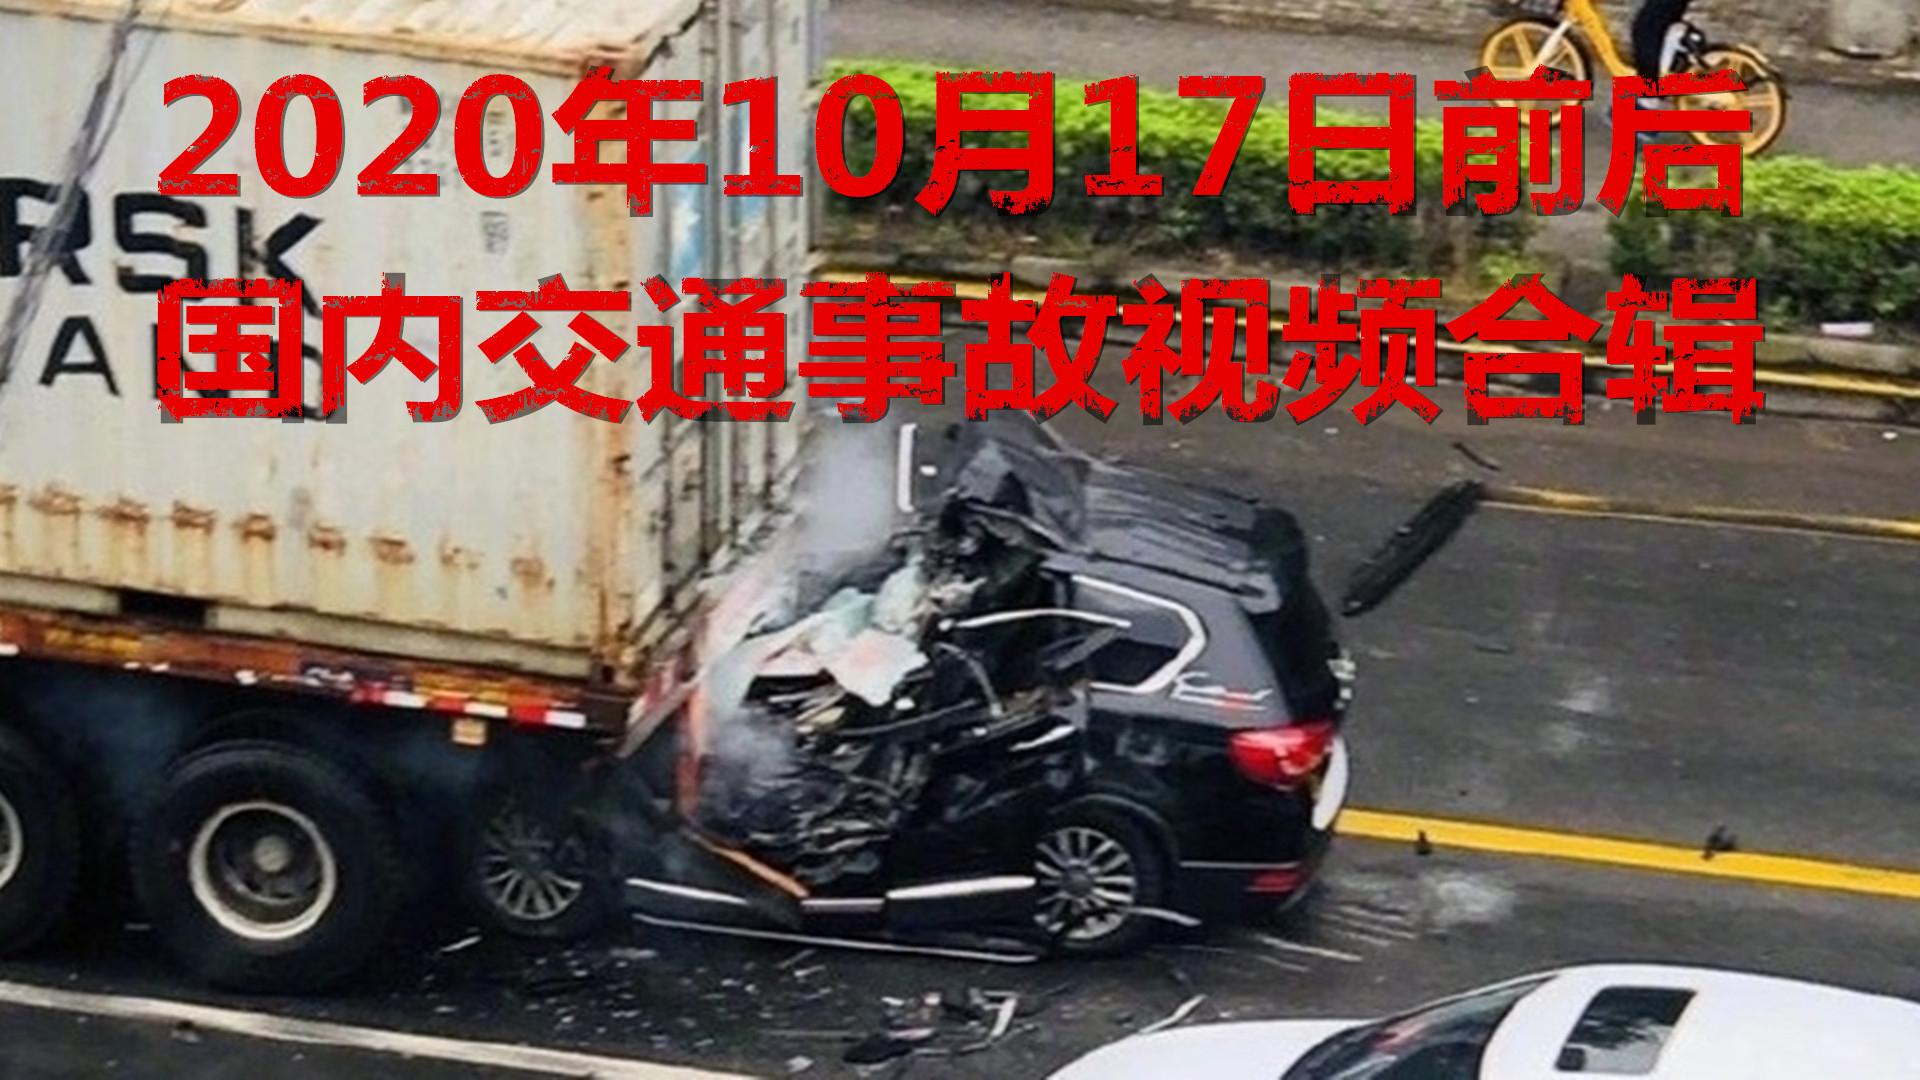 2020年10月17日前后国内交通事故视频合辑